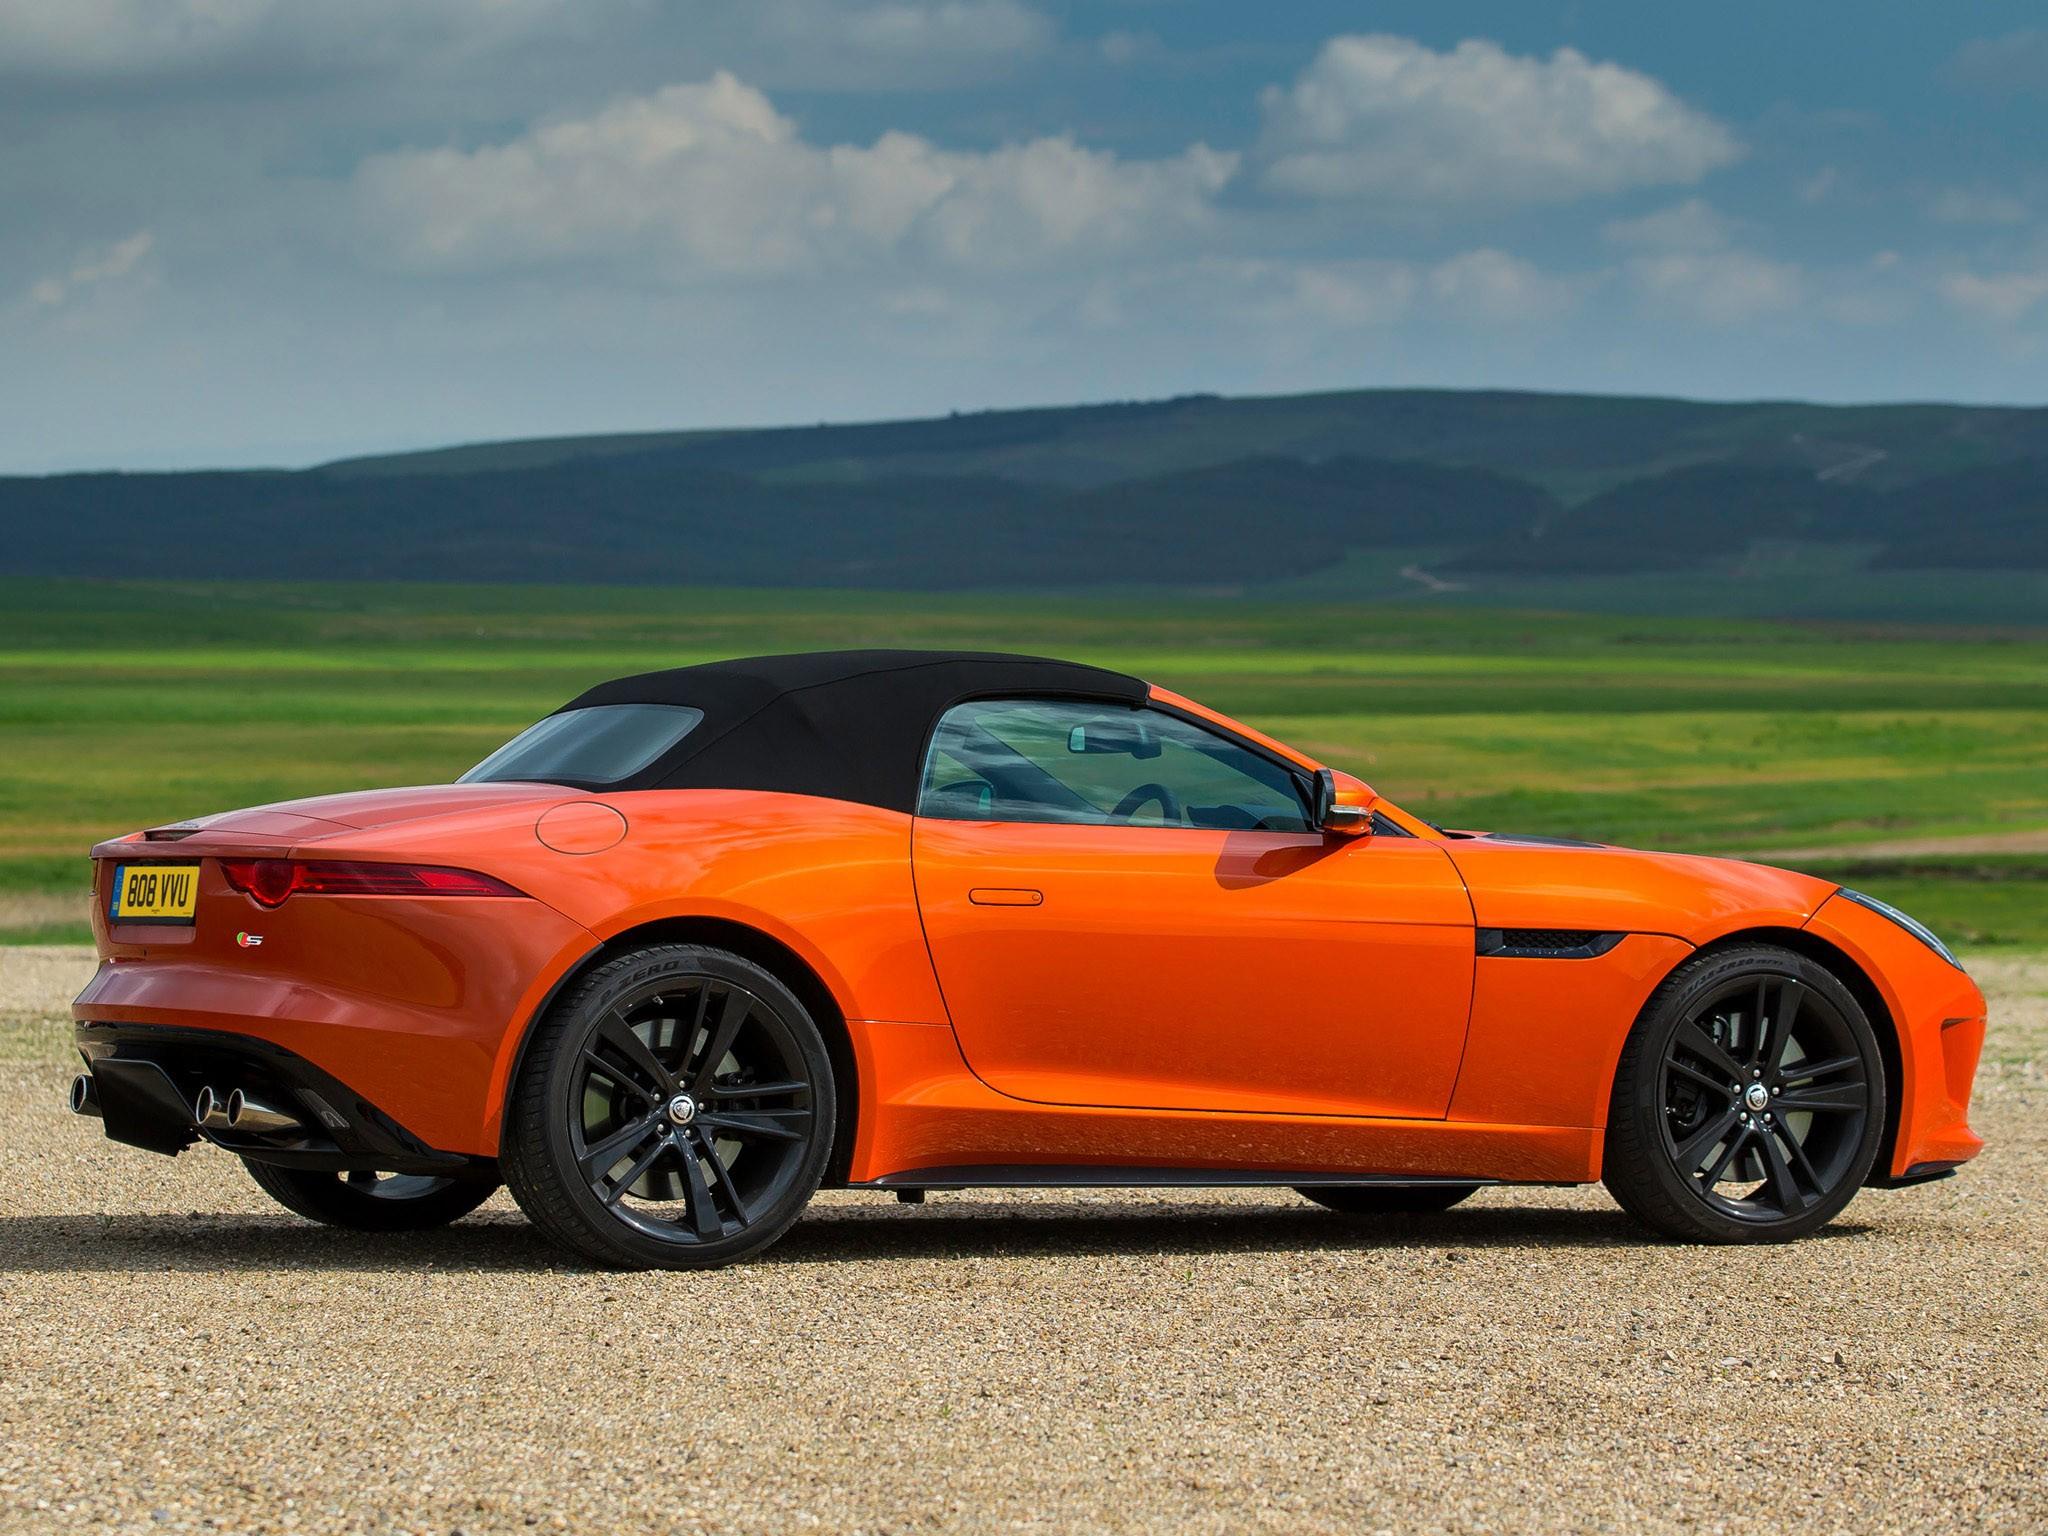 2013 Jaguar F-Type V8 S UK